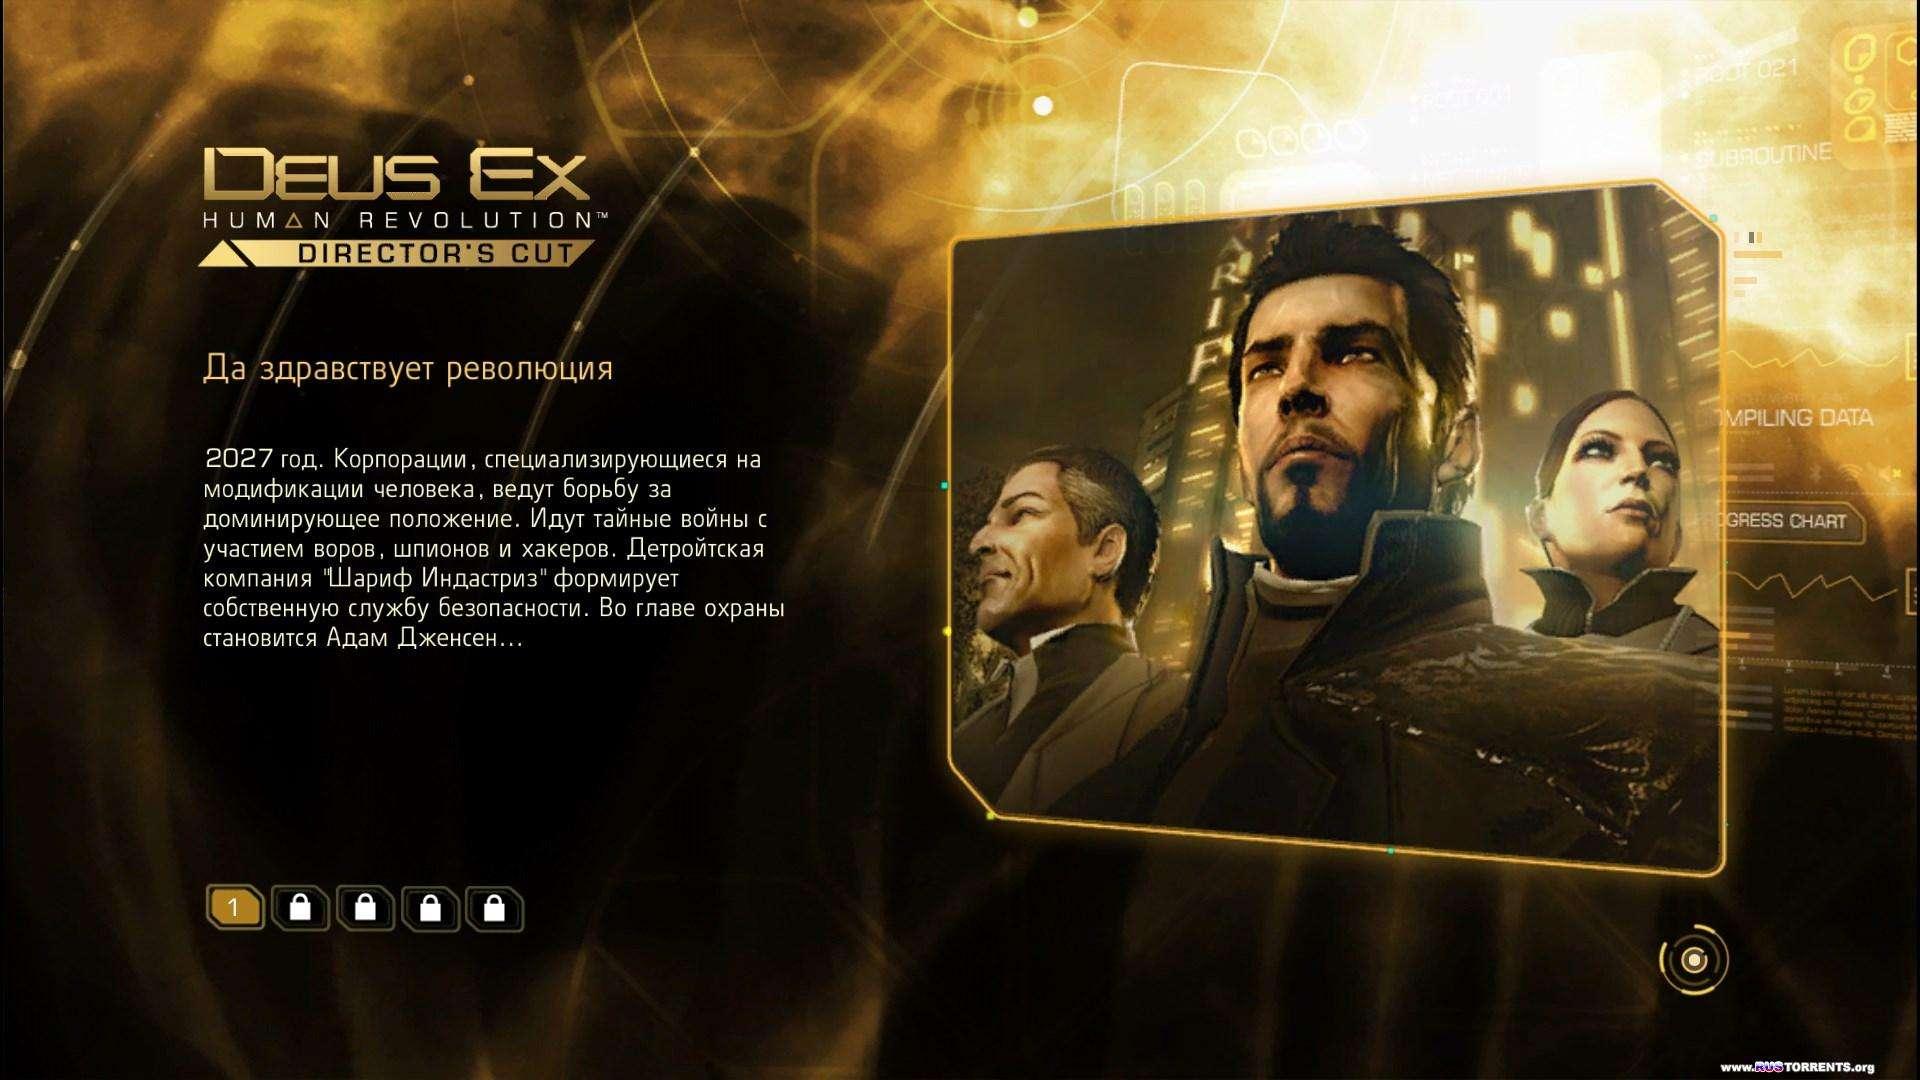 Deus Ex: Human Revolution - Director's Cut | RePack от xatab